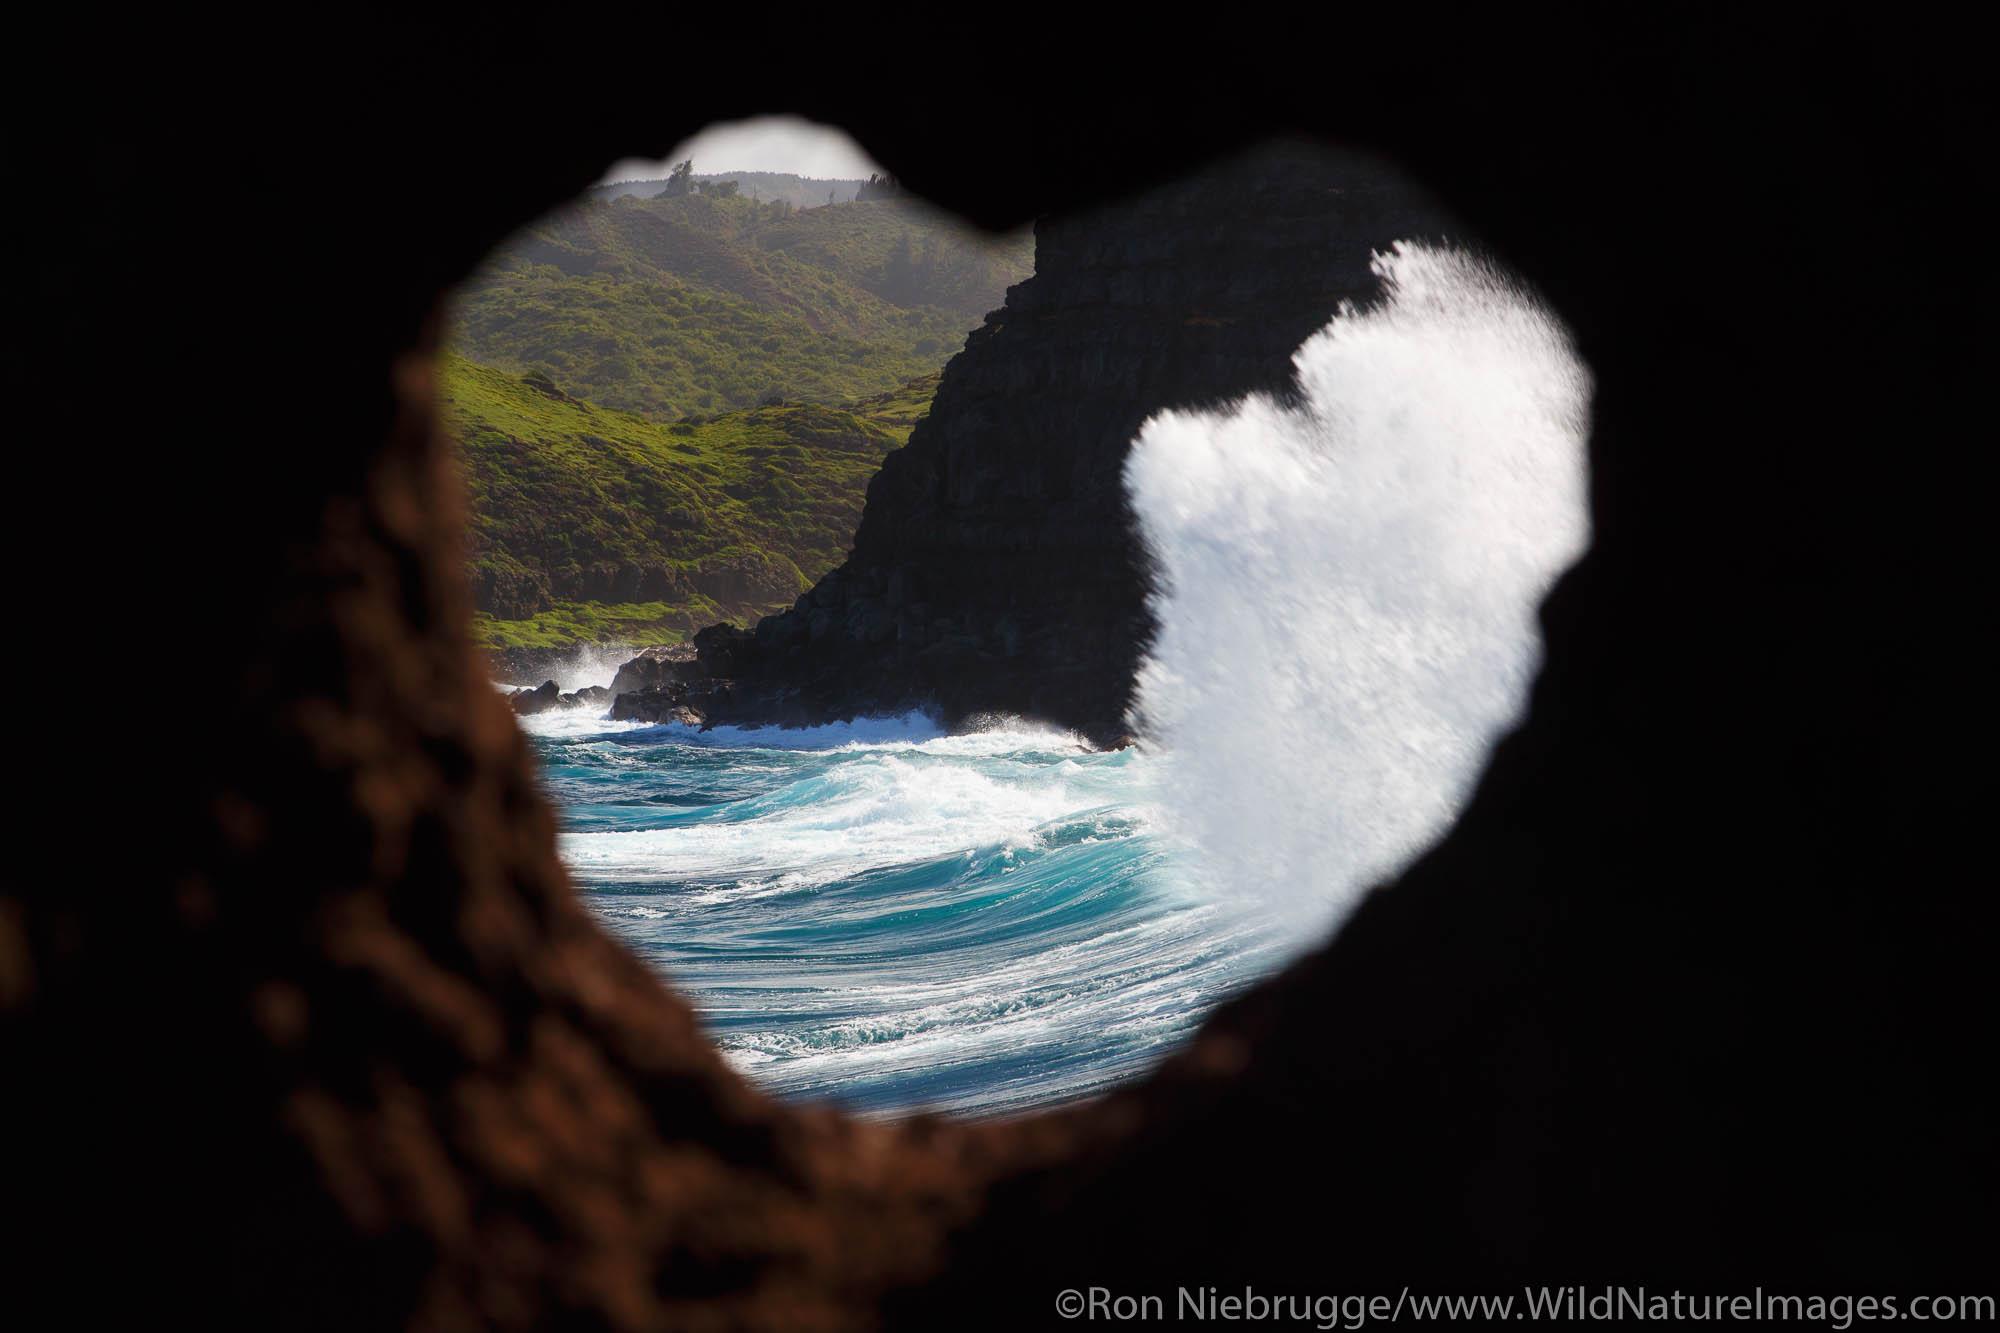 Heart shaped rock, Nakalele Point, Maui, Hawaii.